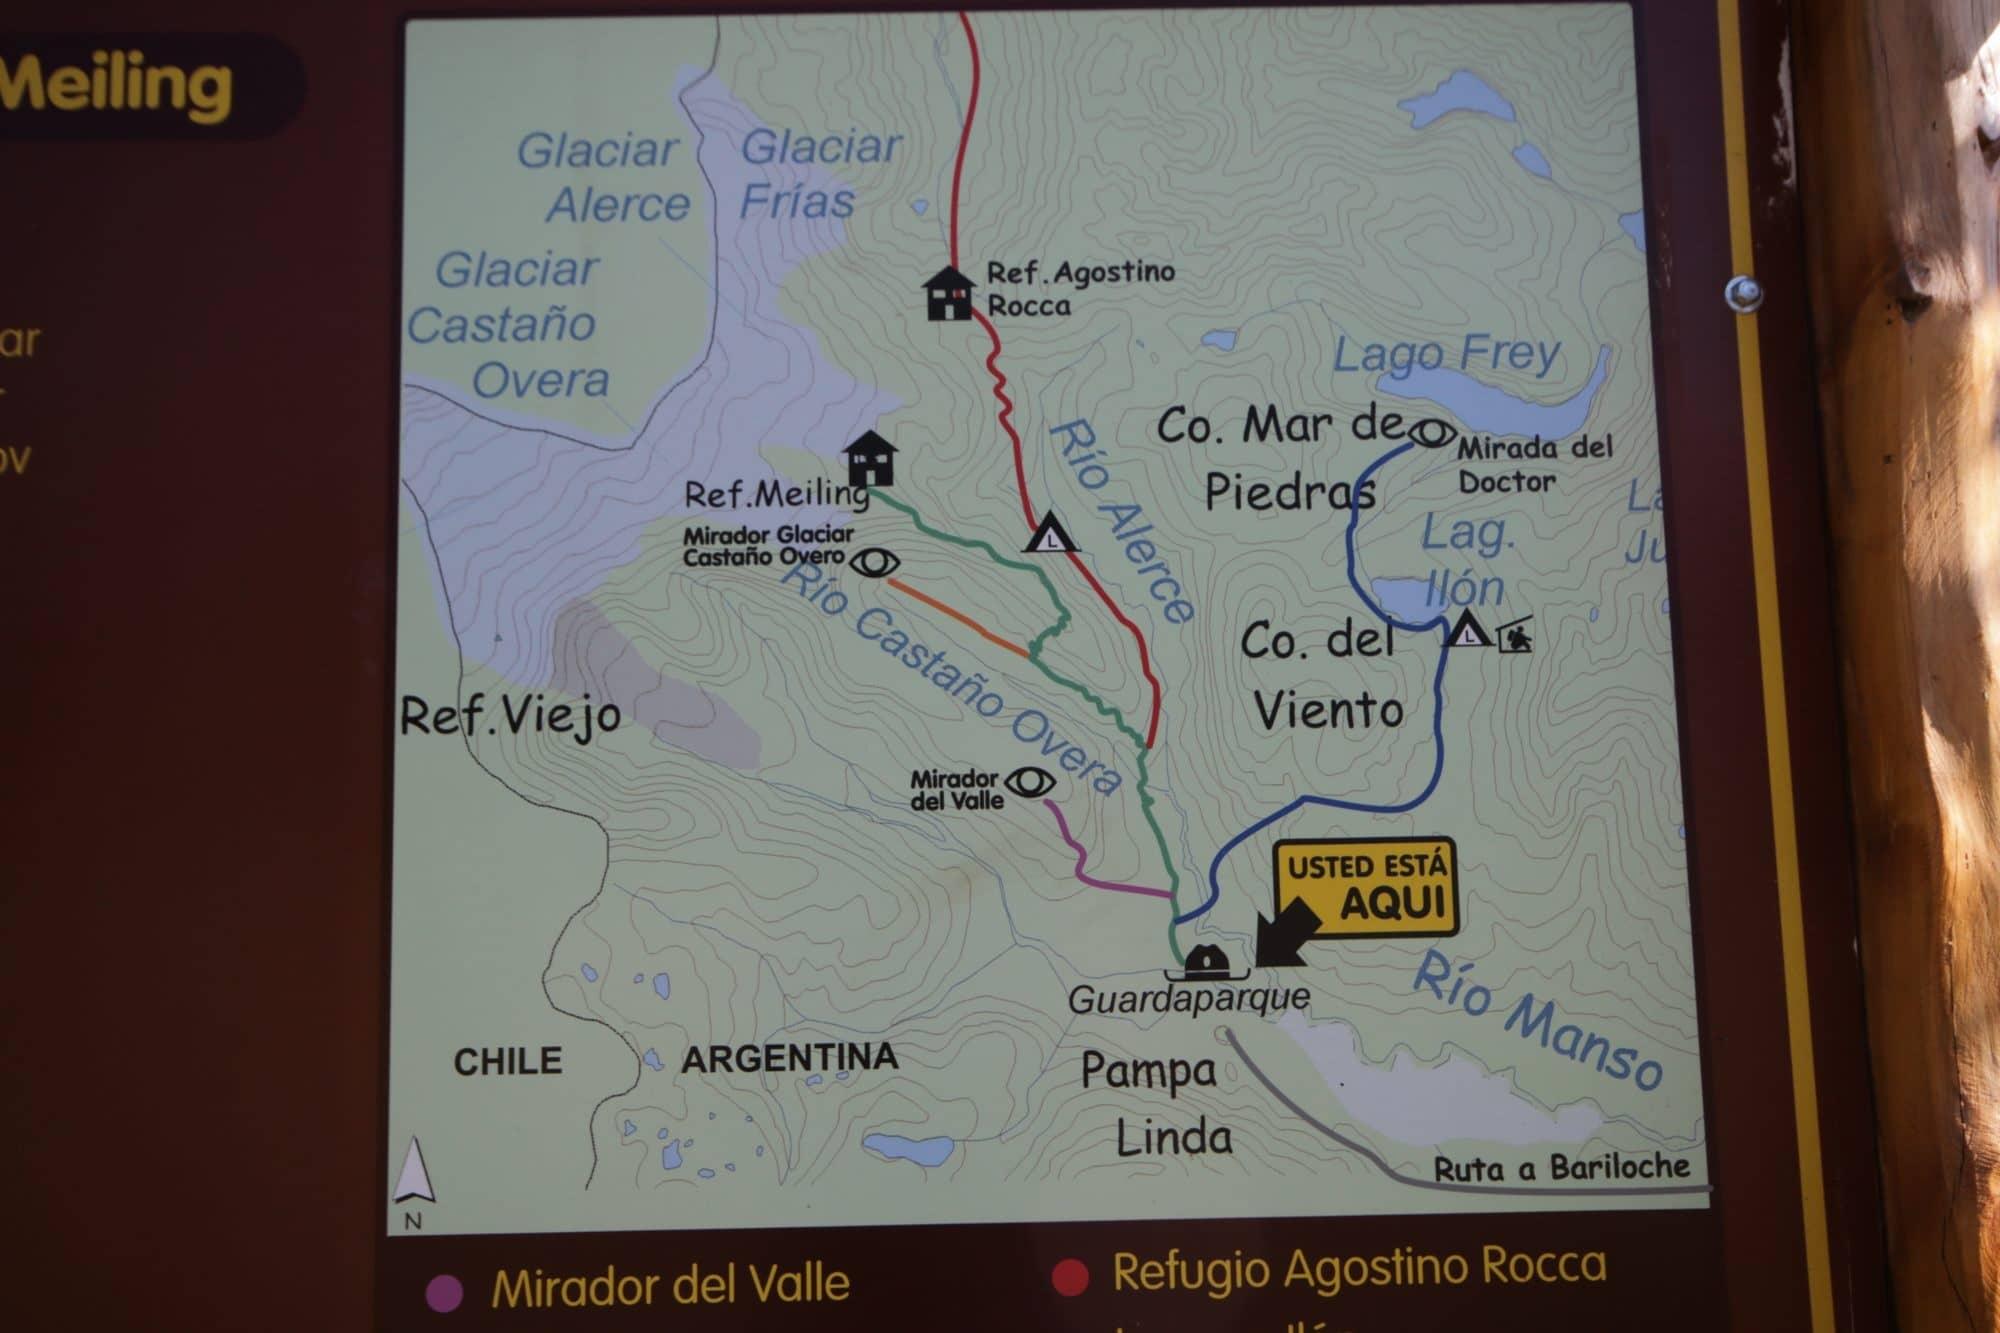 Zum Rifugio Otto Meiling auf dem Tronador in Argentinien